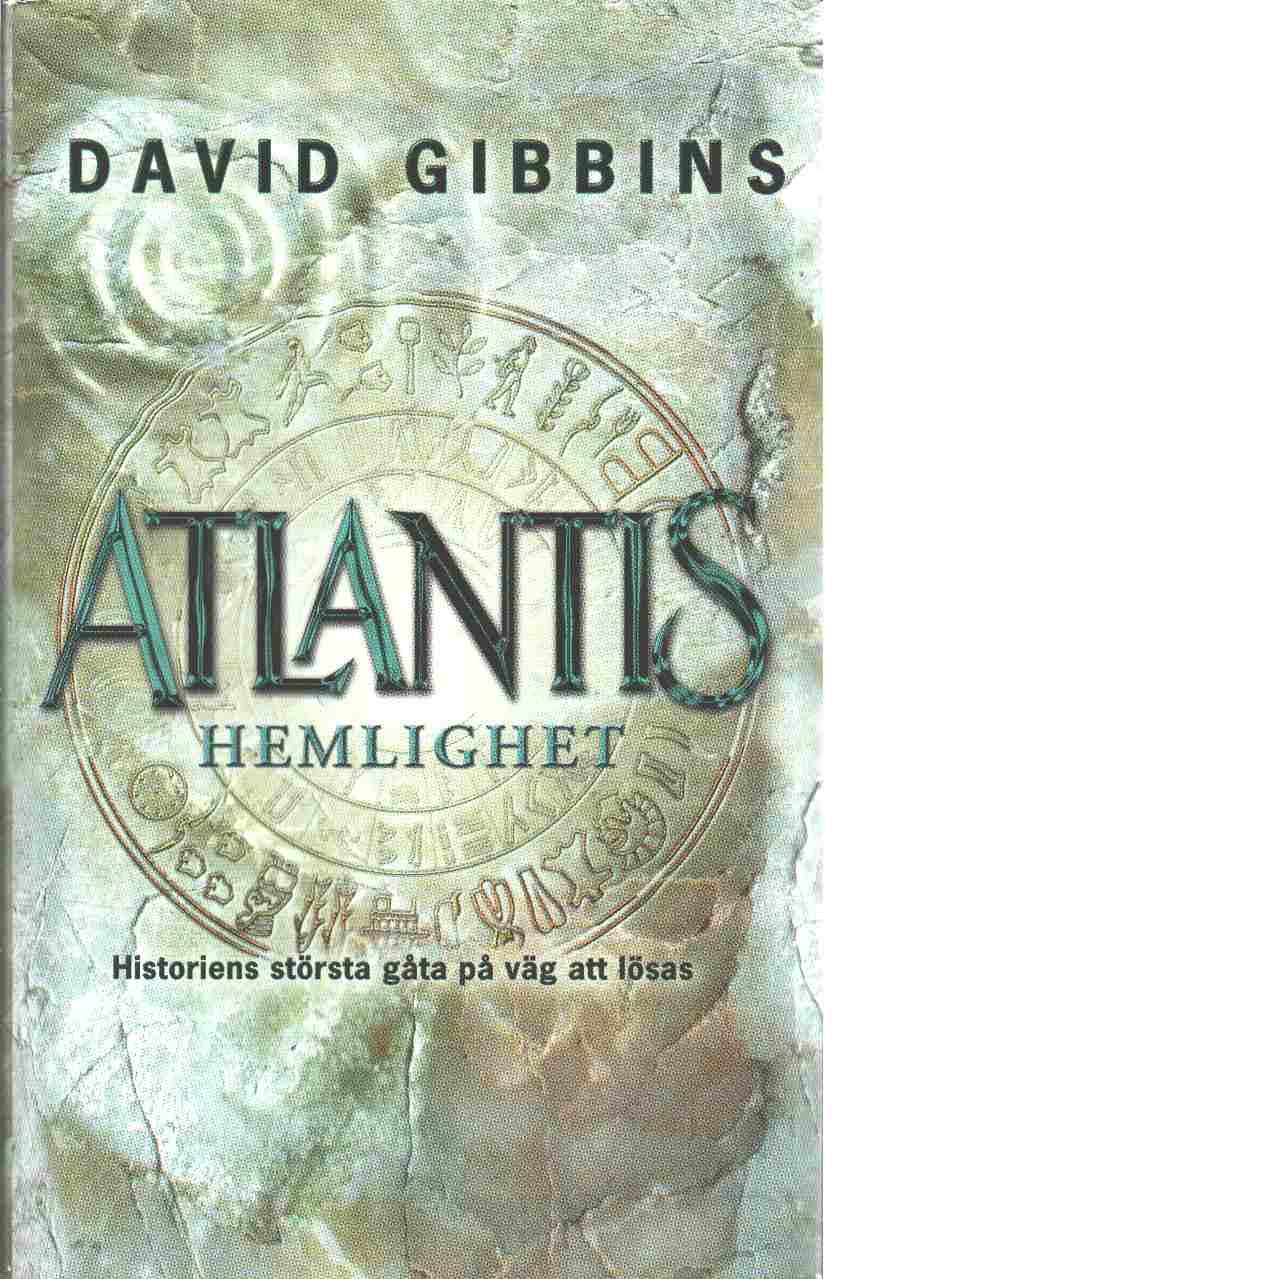 Atlantis hemlighet : historiens största gåta på väg att lösas - Gibbins, David